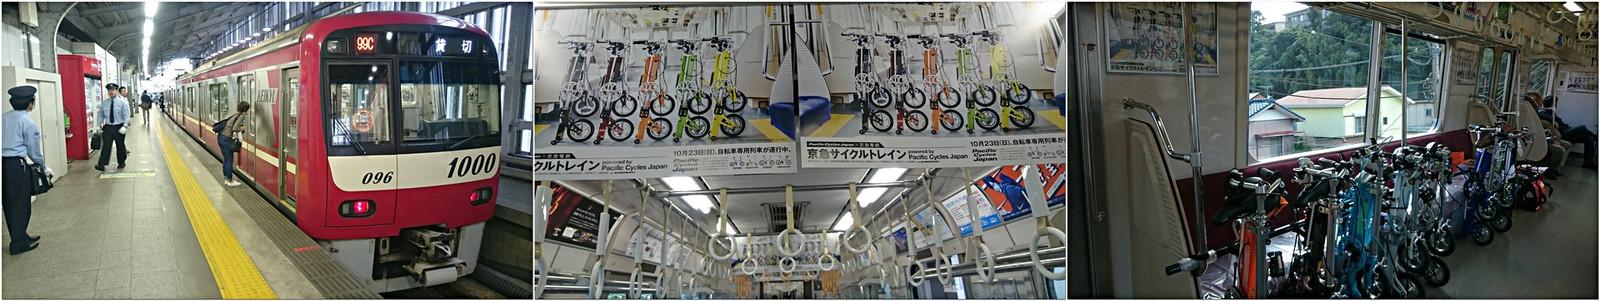 京急サイクルトレイン powered by Pacific Cycles Japan